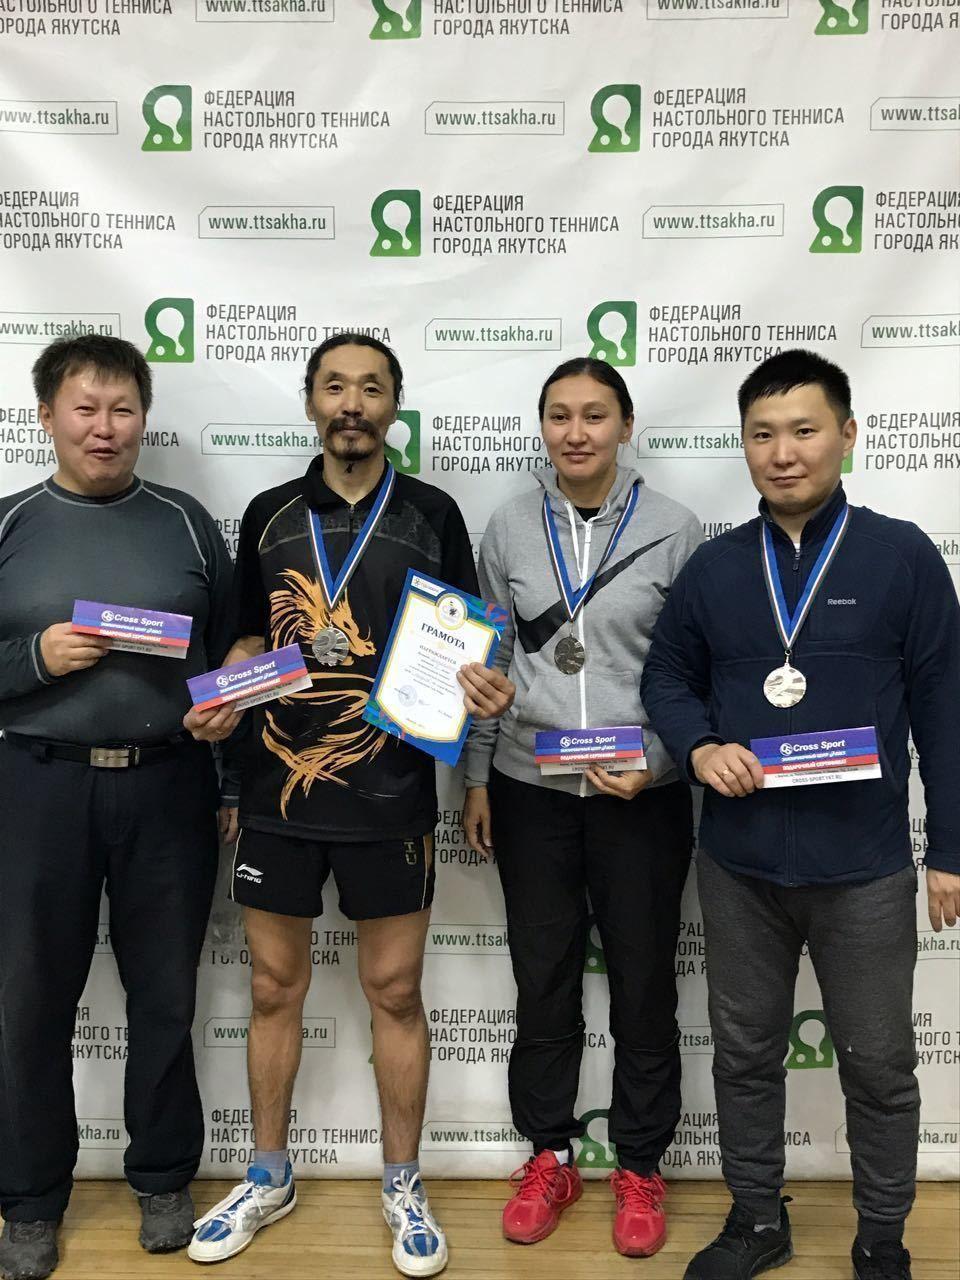 Команда Центрального округа завоевала второе место в соревнованиях по настольному теннису